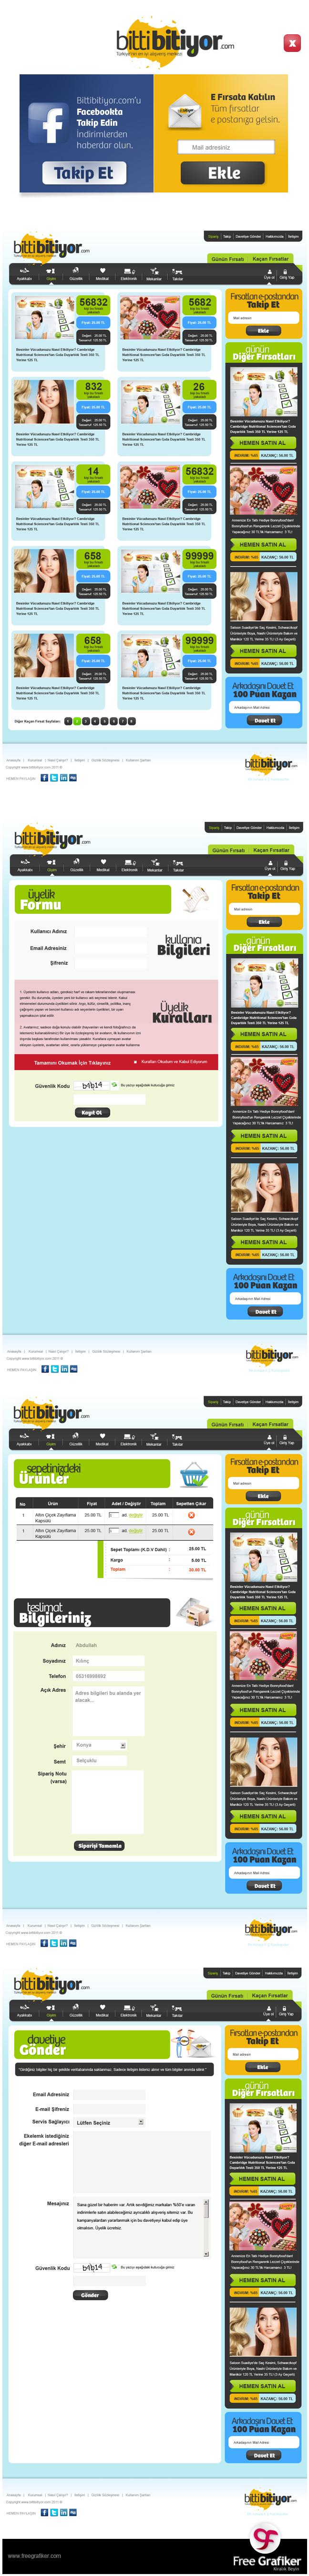 Bittibitiyor.com Fırsat Sitesi Alt Sayfa Tasarımları